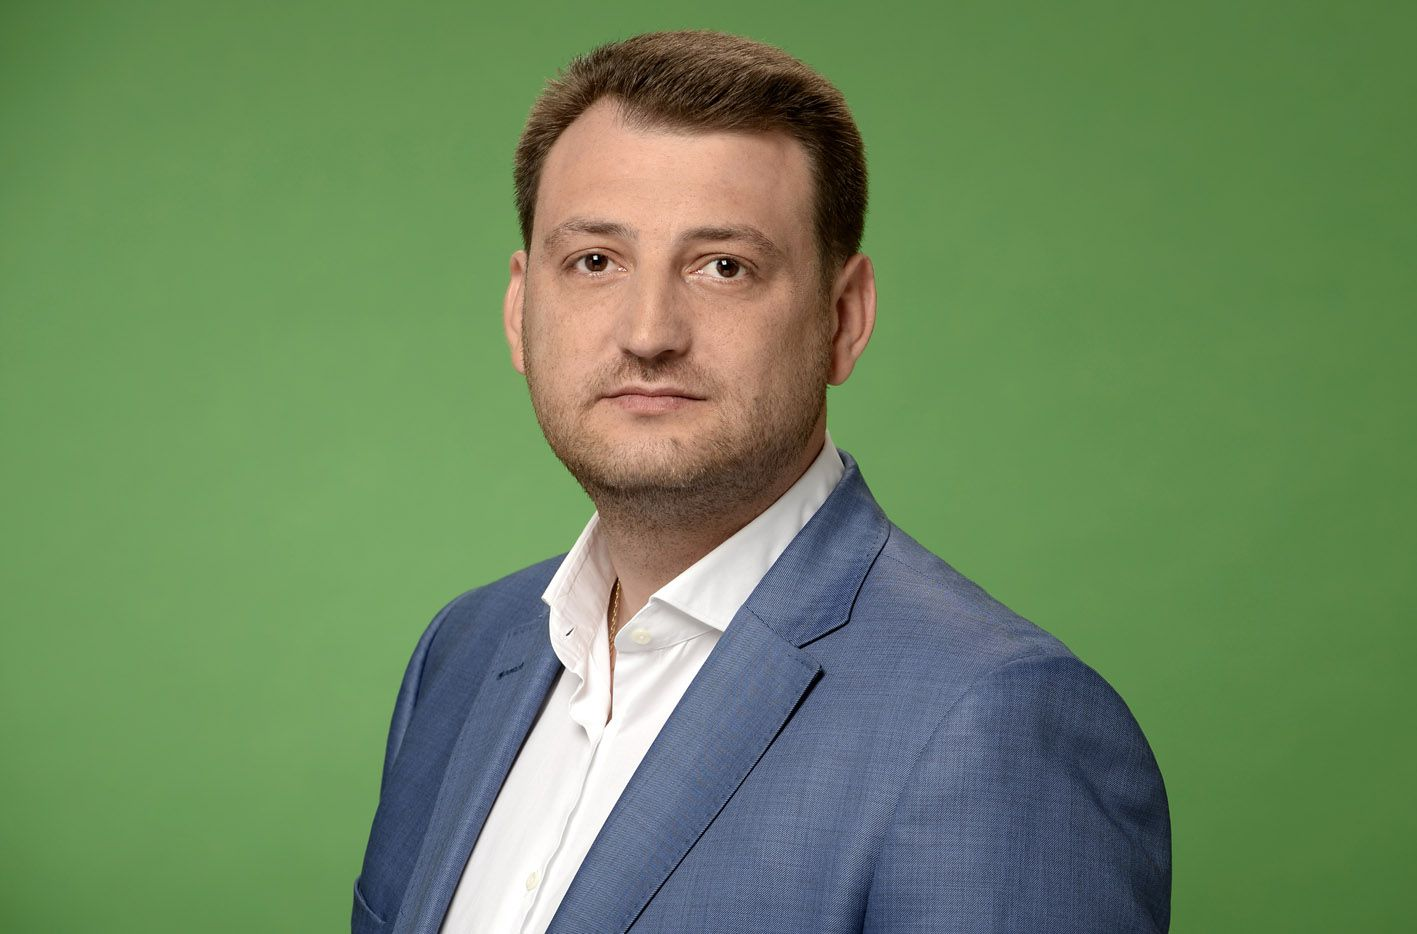 Ігор Васильковський: «Народні депутати — не особовий склад, а склад особистостей»